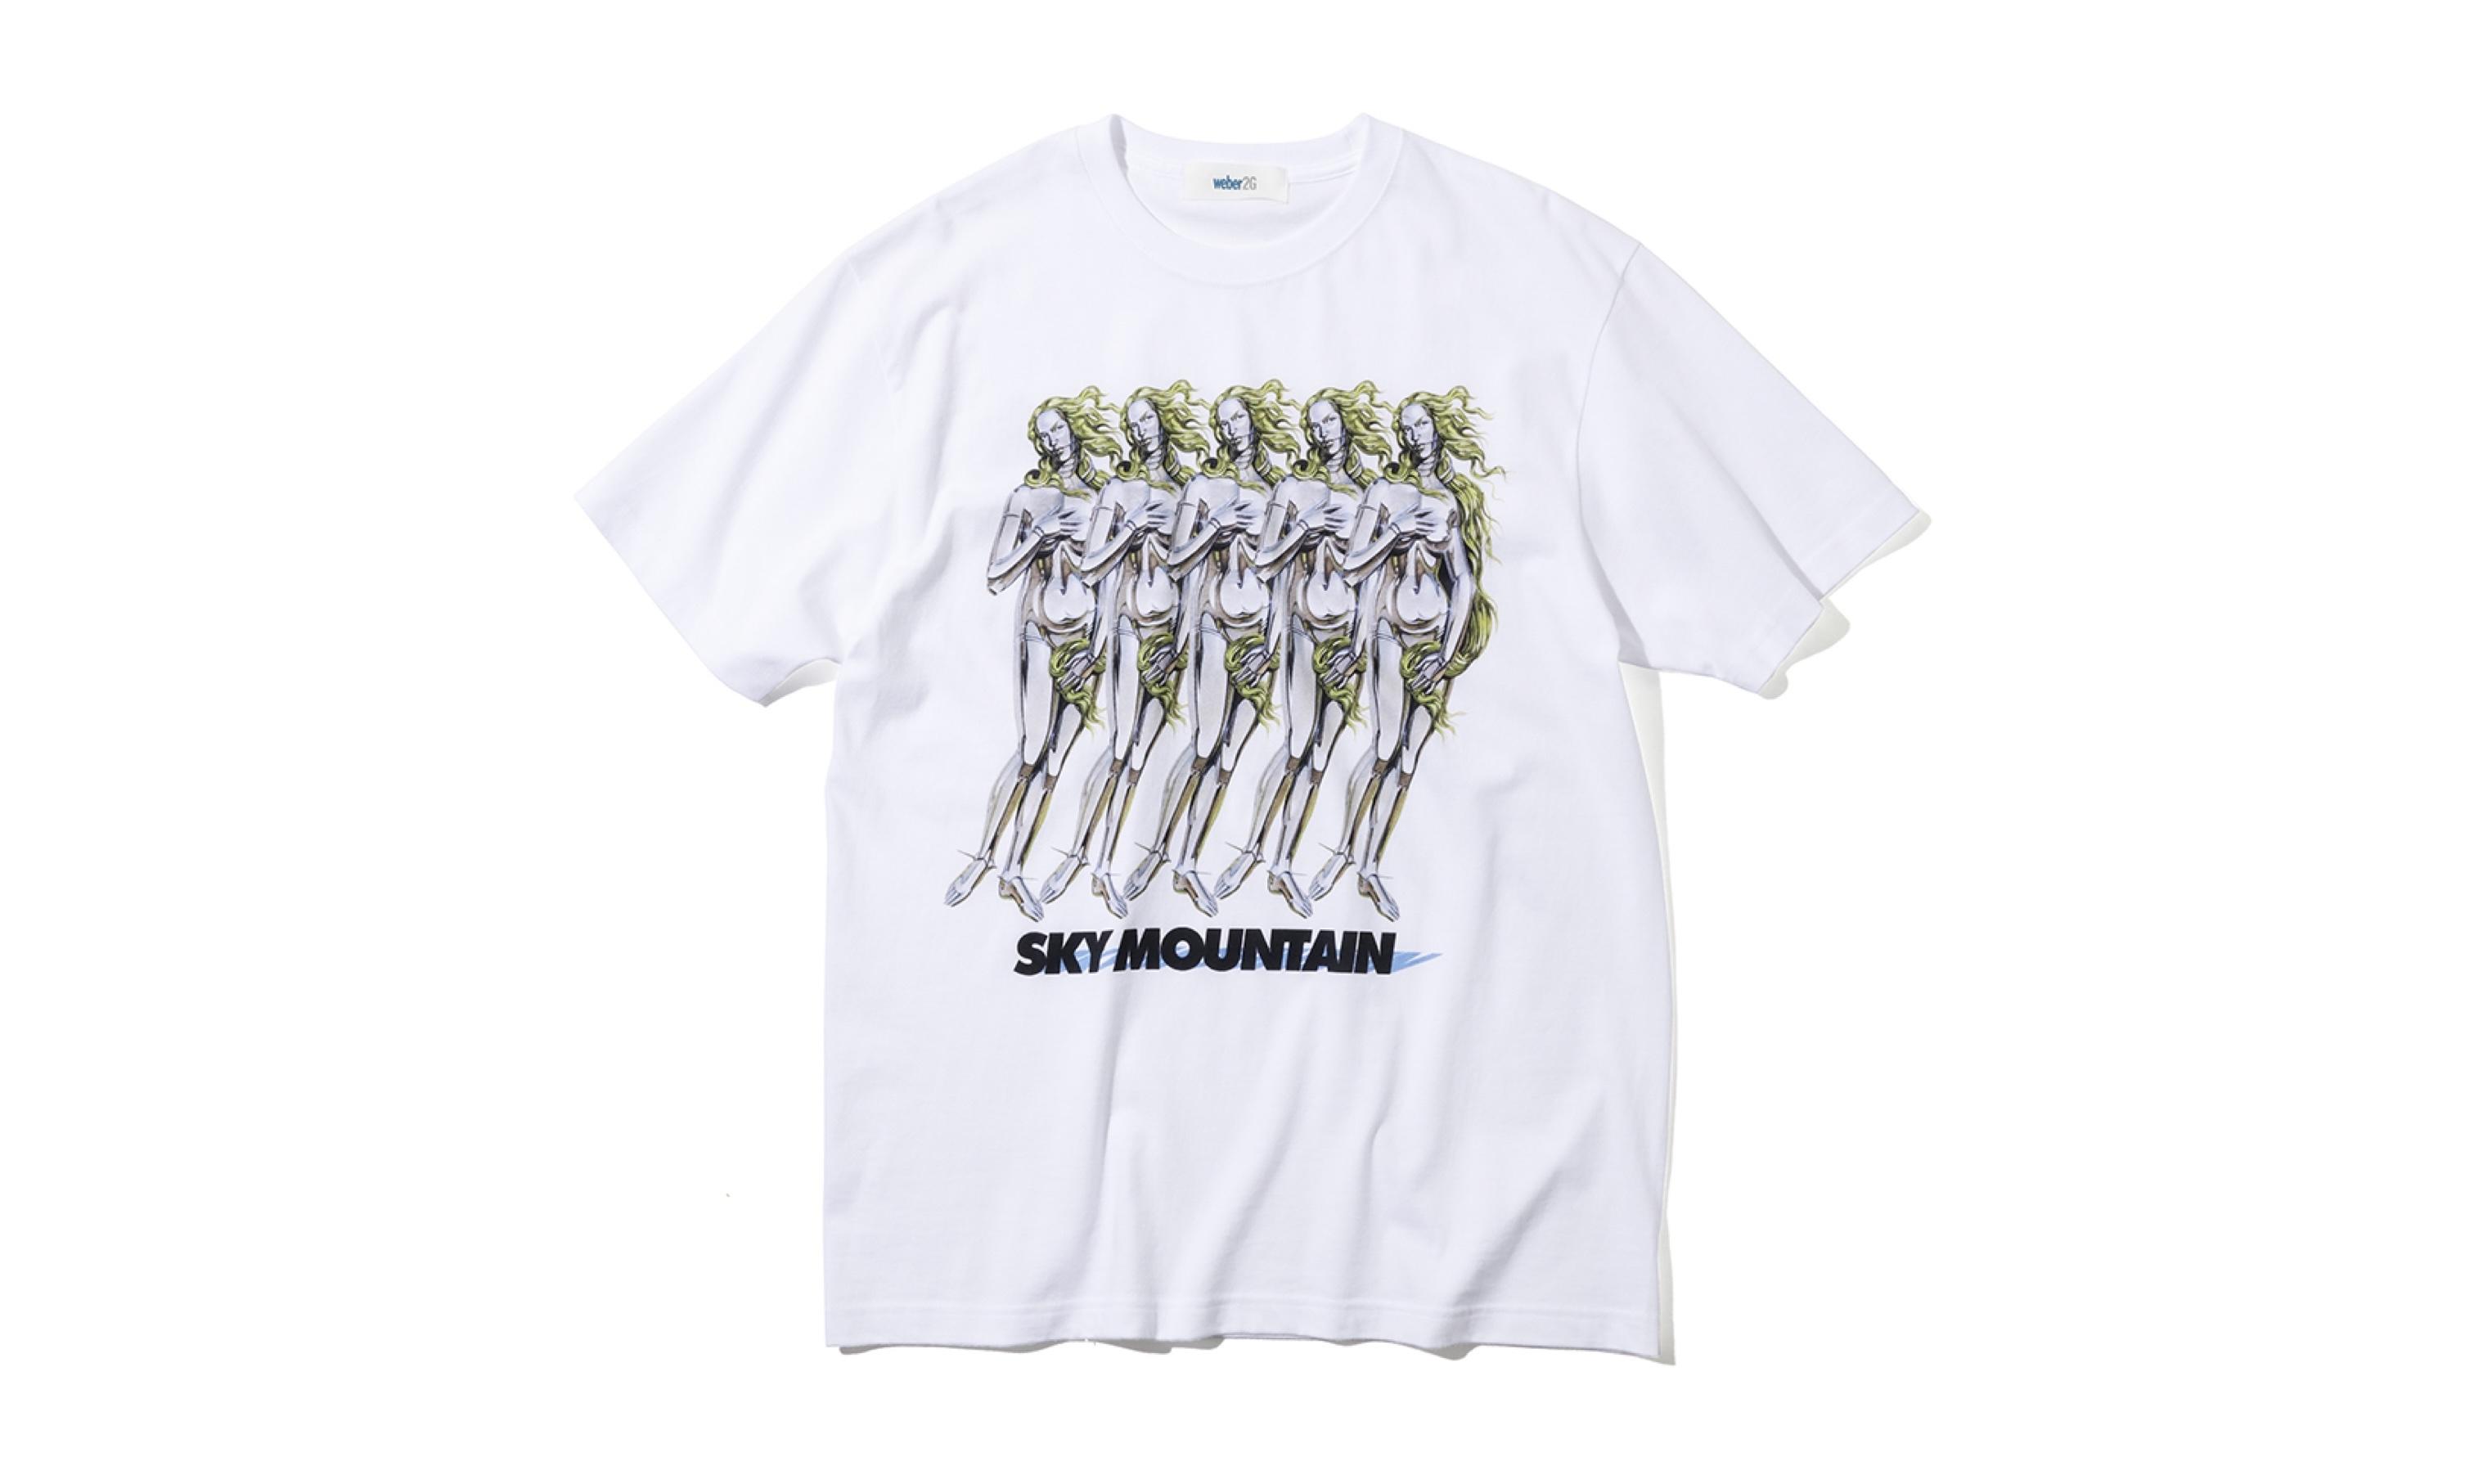 数量限定 空山基×中村哲也×weberのコラボTシャツ発売